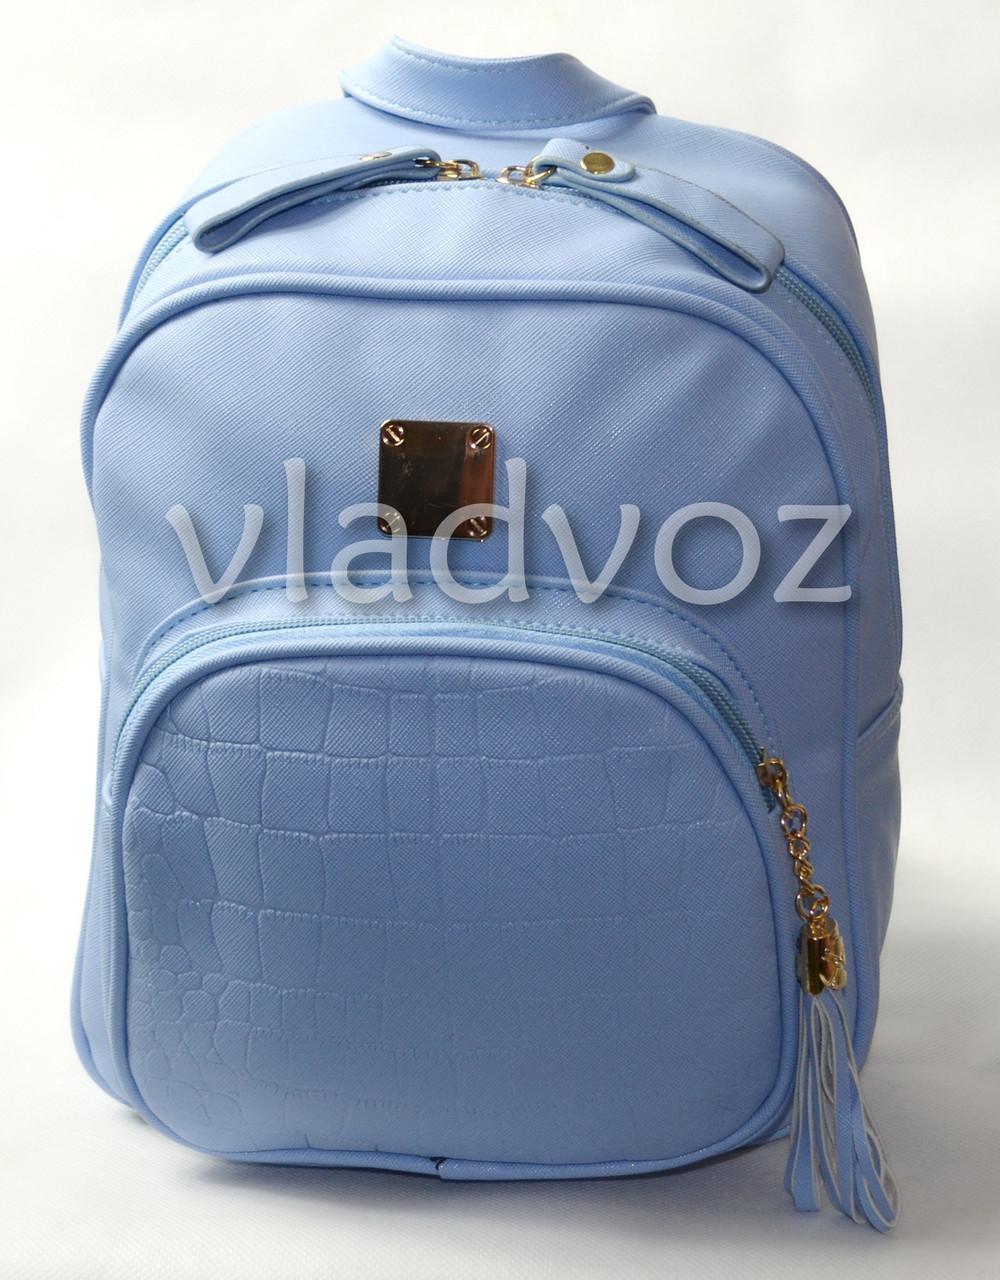 b059d0edc0a2 Городской женский молодежный модный стильный рюкзак сумка голубой, цена 525  грн., купить Вознесенск — Prom.ua (ID#568578351)